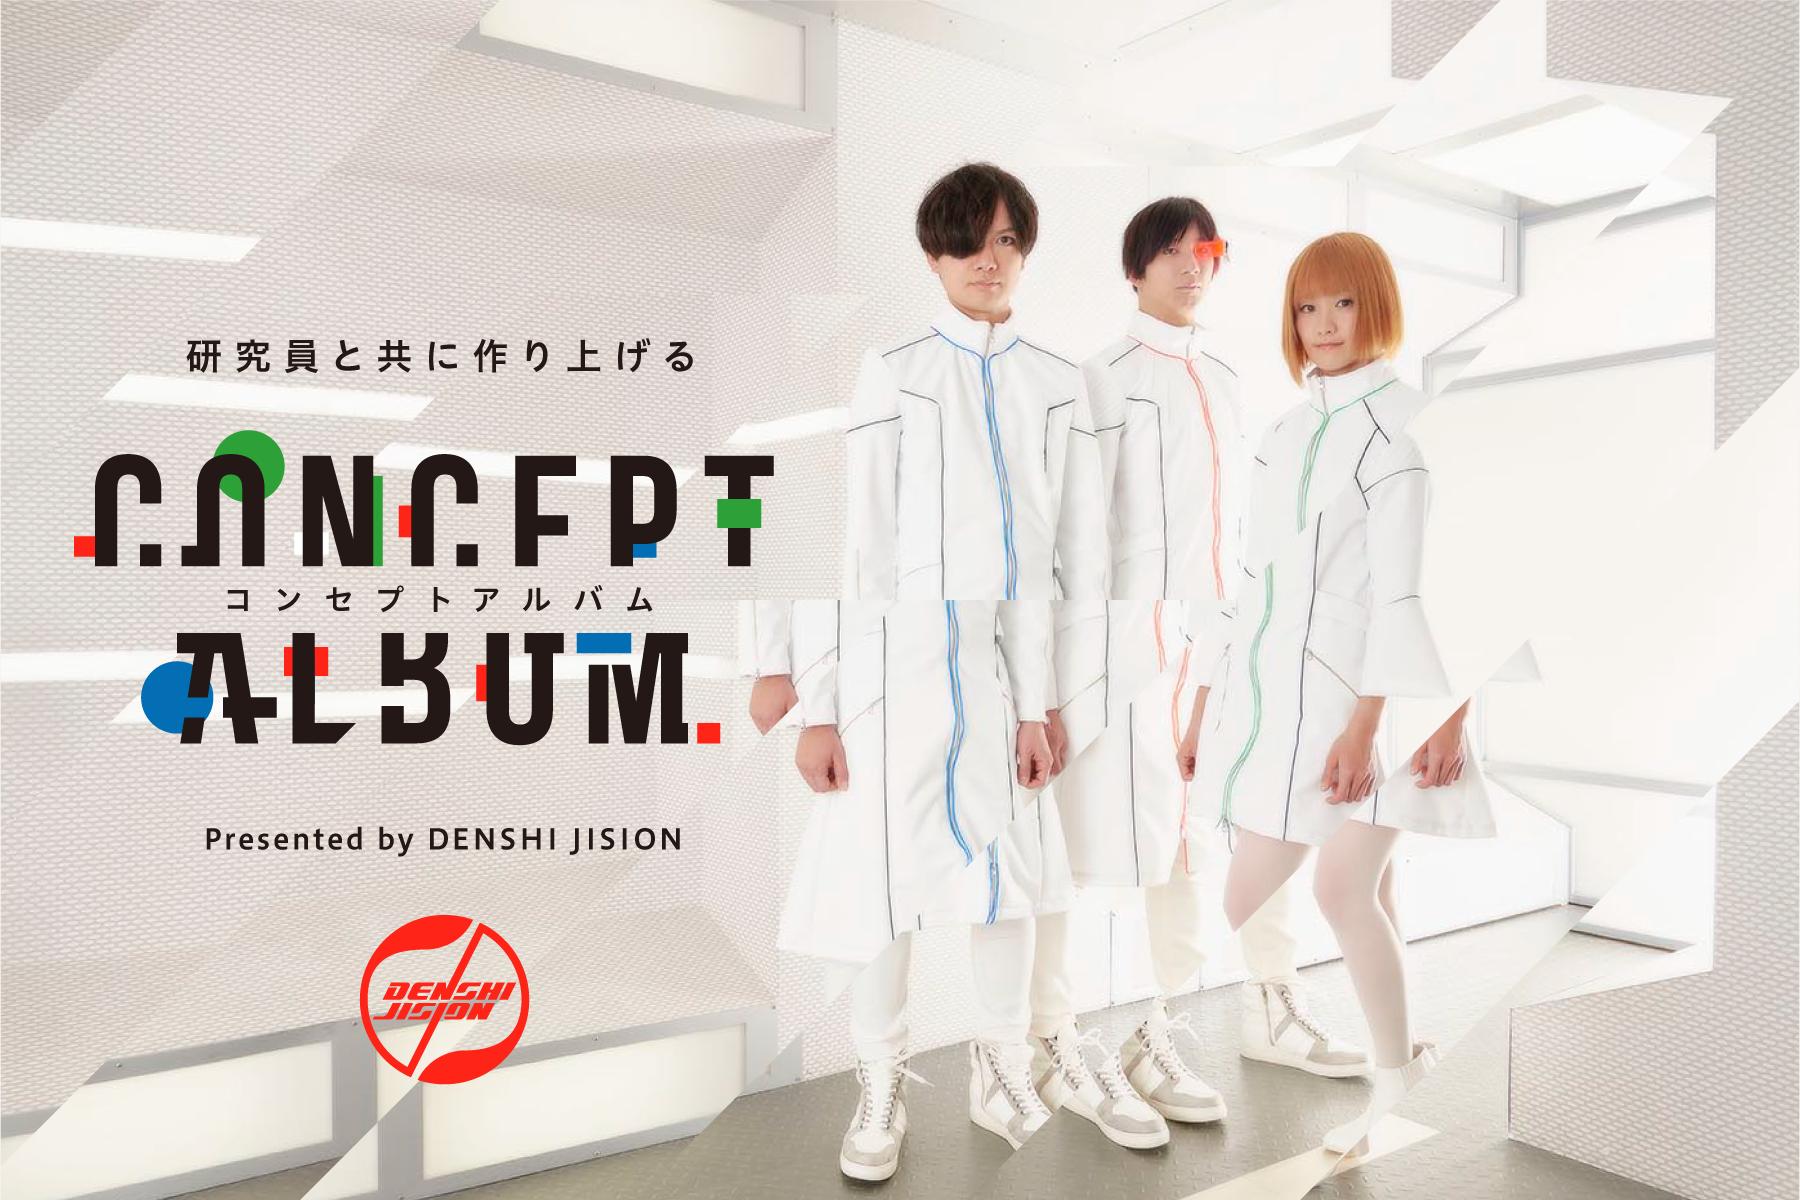 【DENSHI JISION】100年後の未来を想起する参加型コンセプトアルバム・プロジェクト【制作研究】